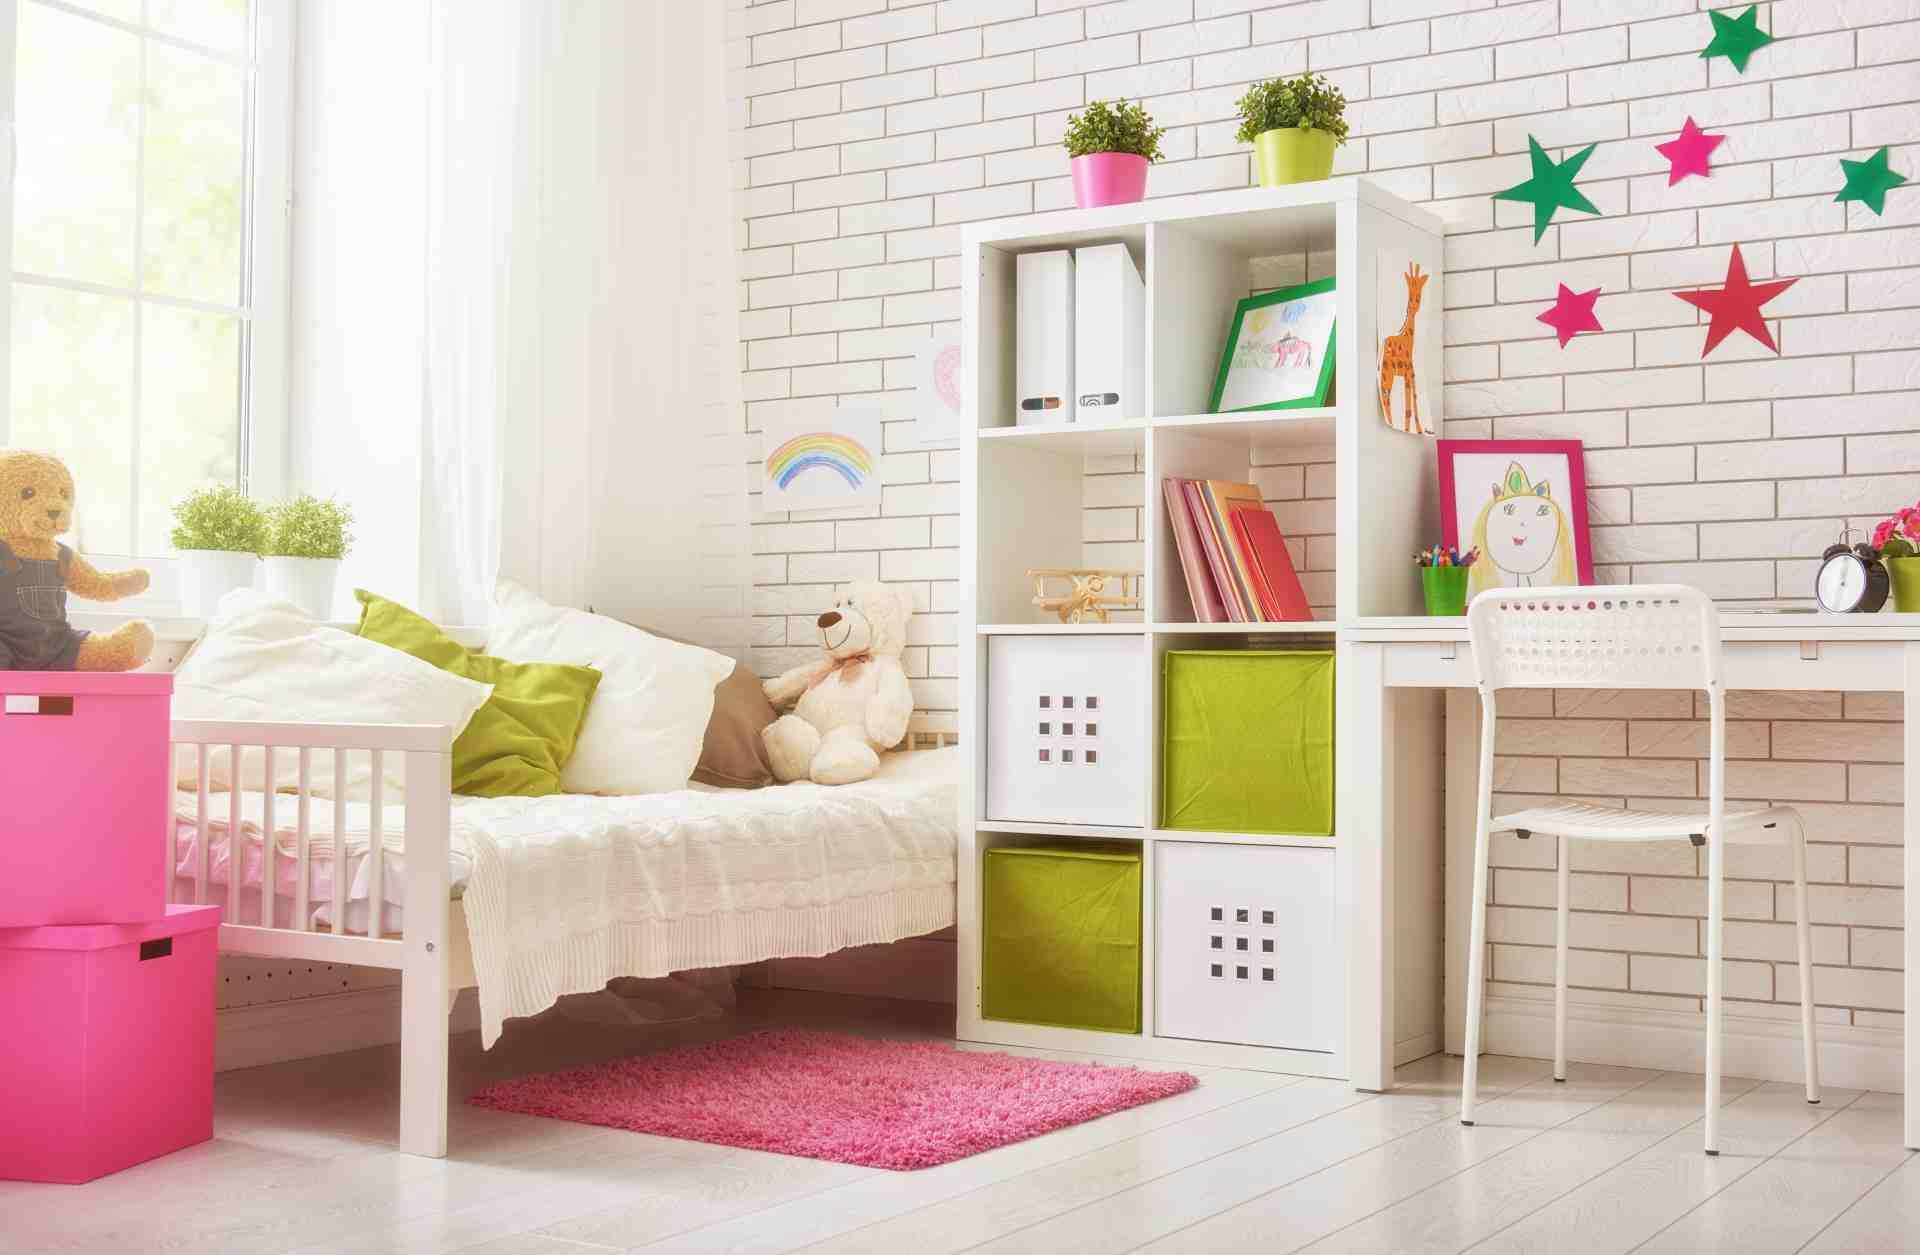 Quarto infantil com cama com travesseiros e ursinho de pelúcia, estante e escrivaninha